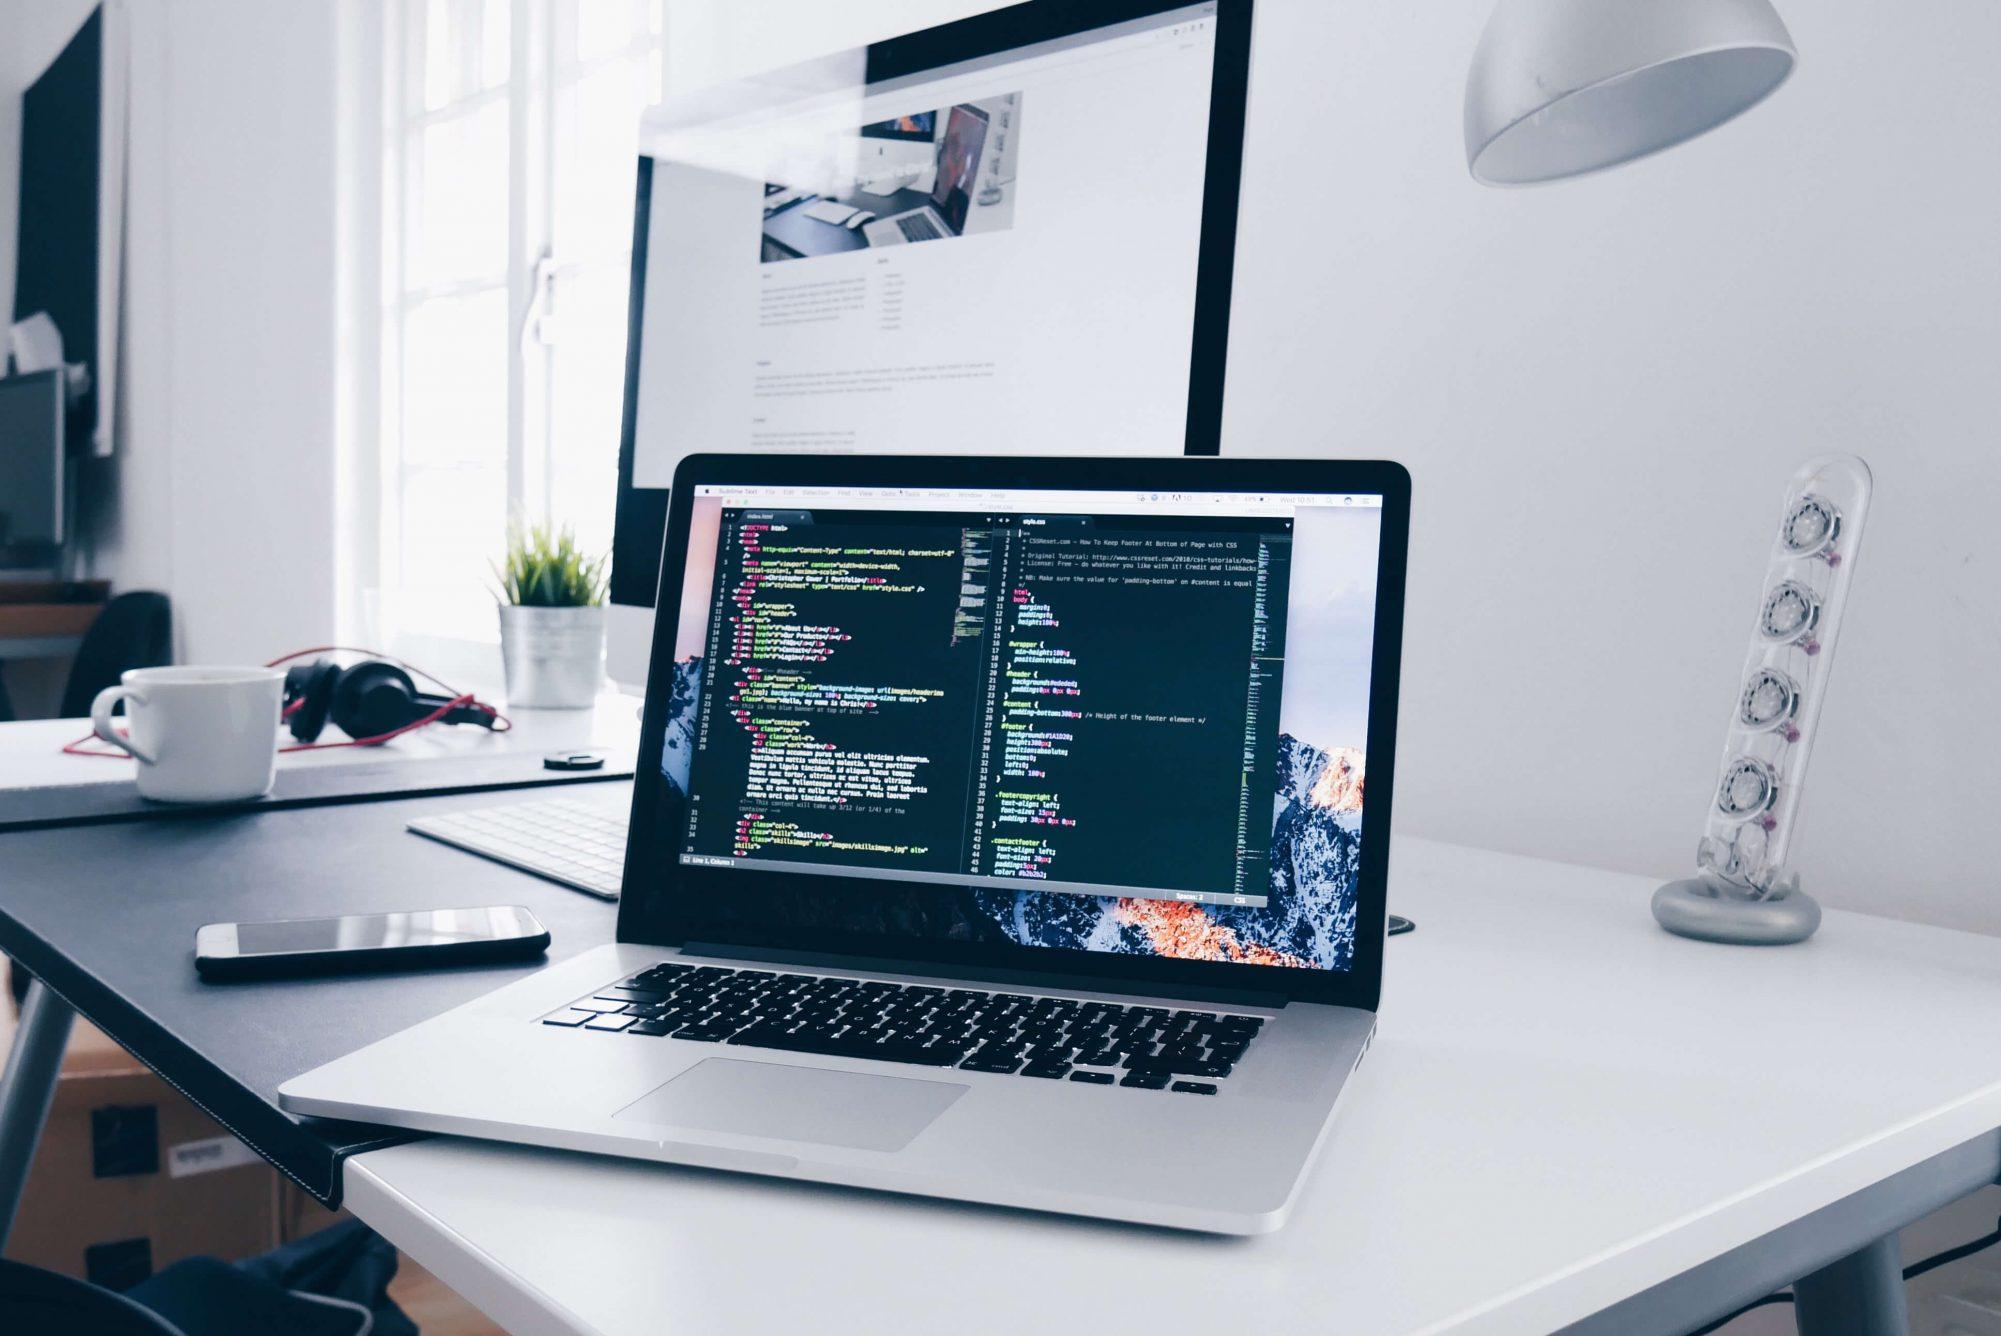 code-einens-entwicklers-auf-laptop